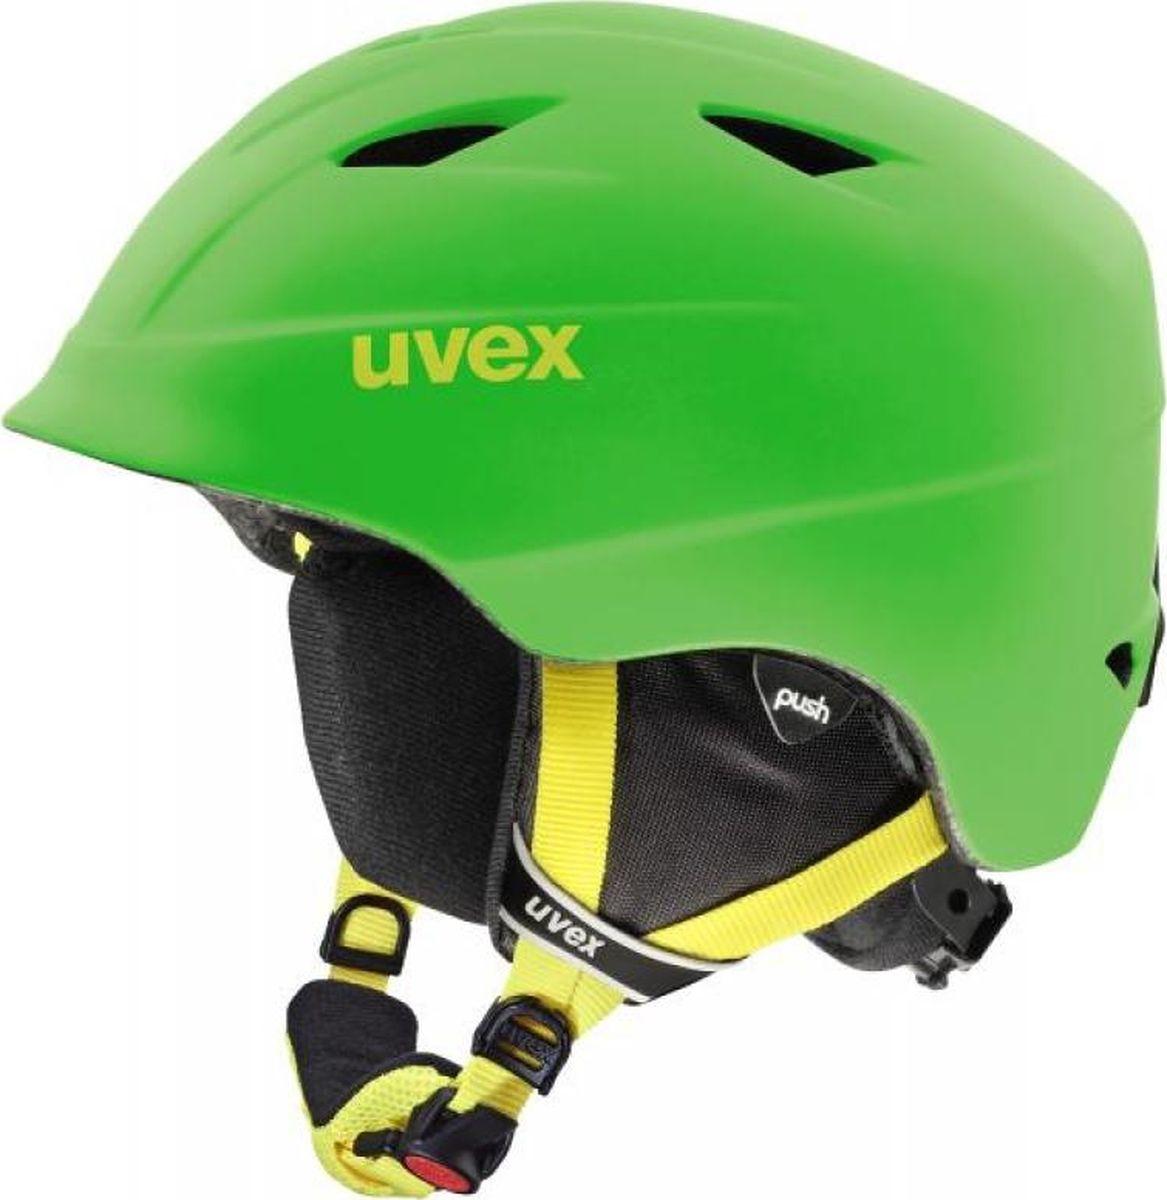 Шлем горнолыжный детский Uvex Airwing 2, цвет: зеленый матовый. Размер XXXS/XXS шлем горнолыжный для мальчика uvex airwing 2 kid s helmet 6132 46 синий размер xxs